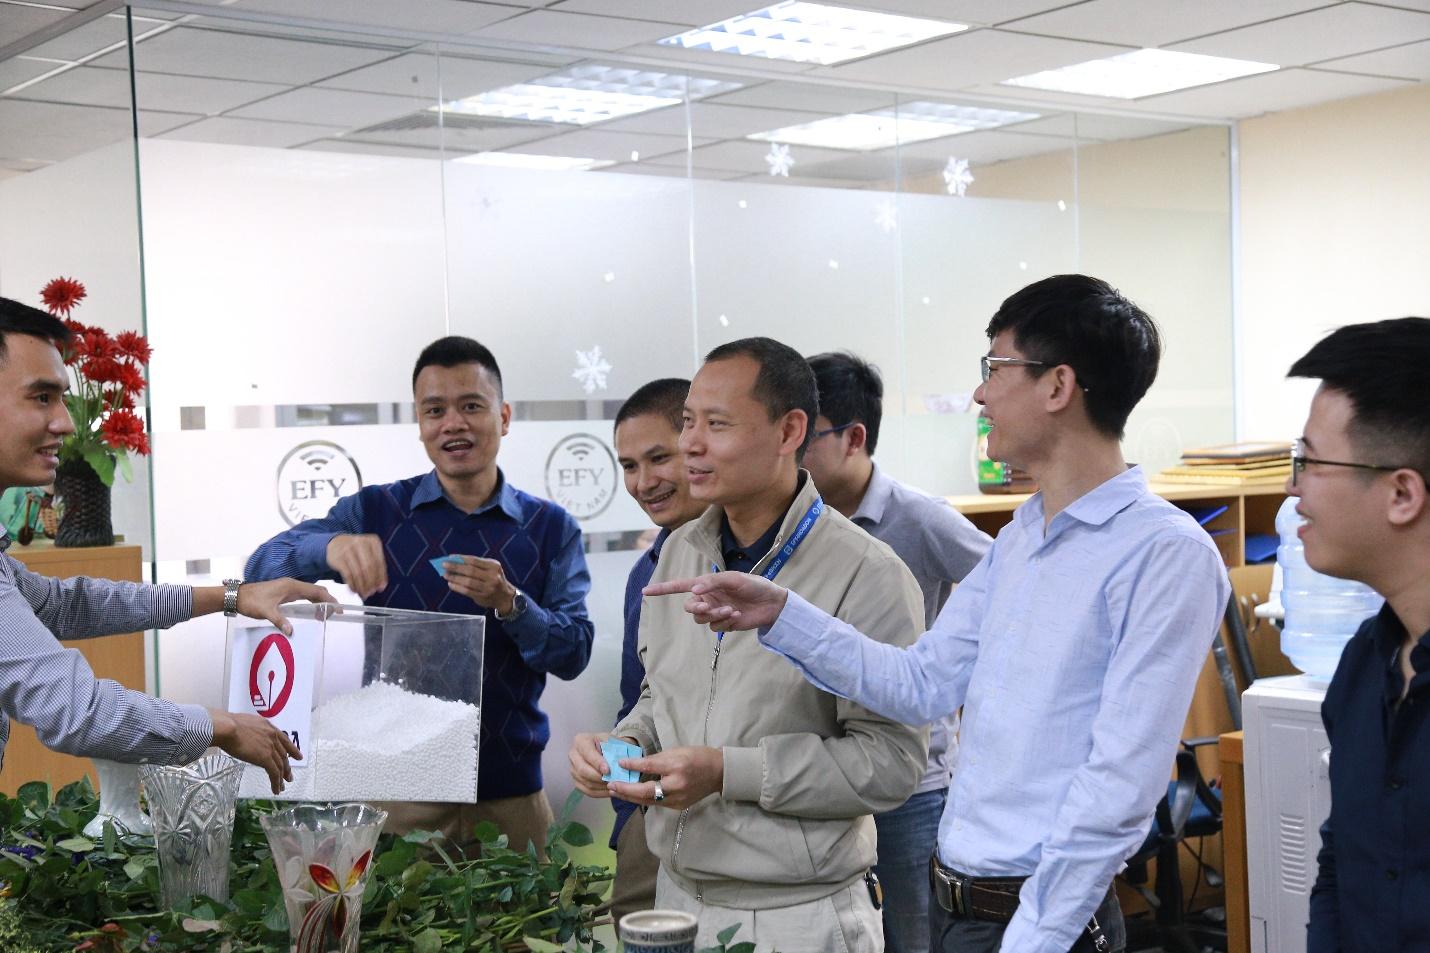 EFY Việt Nam tổ chức hoạt động chào mừng ngày quốc tế phụ nữ 8/3 ảnh 1